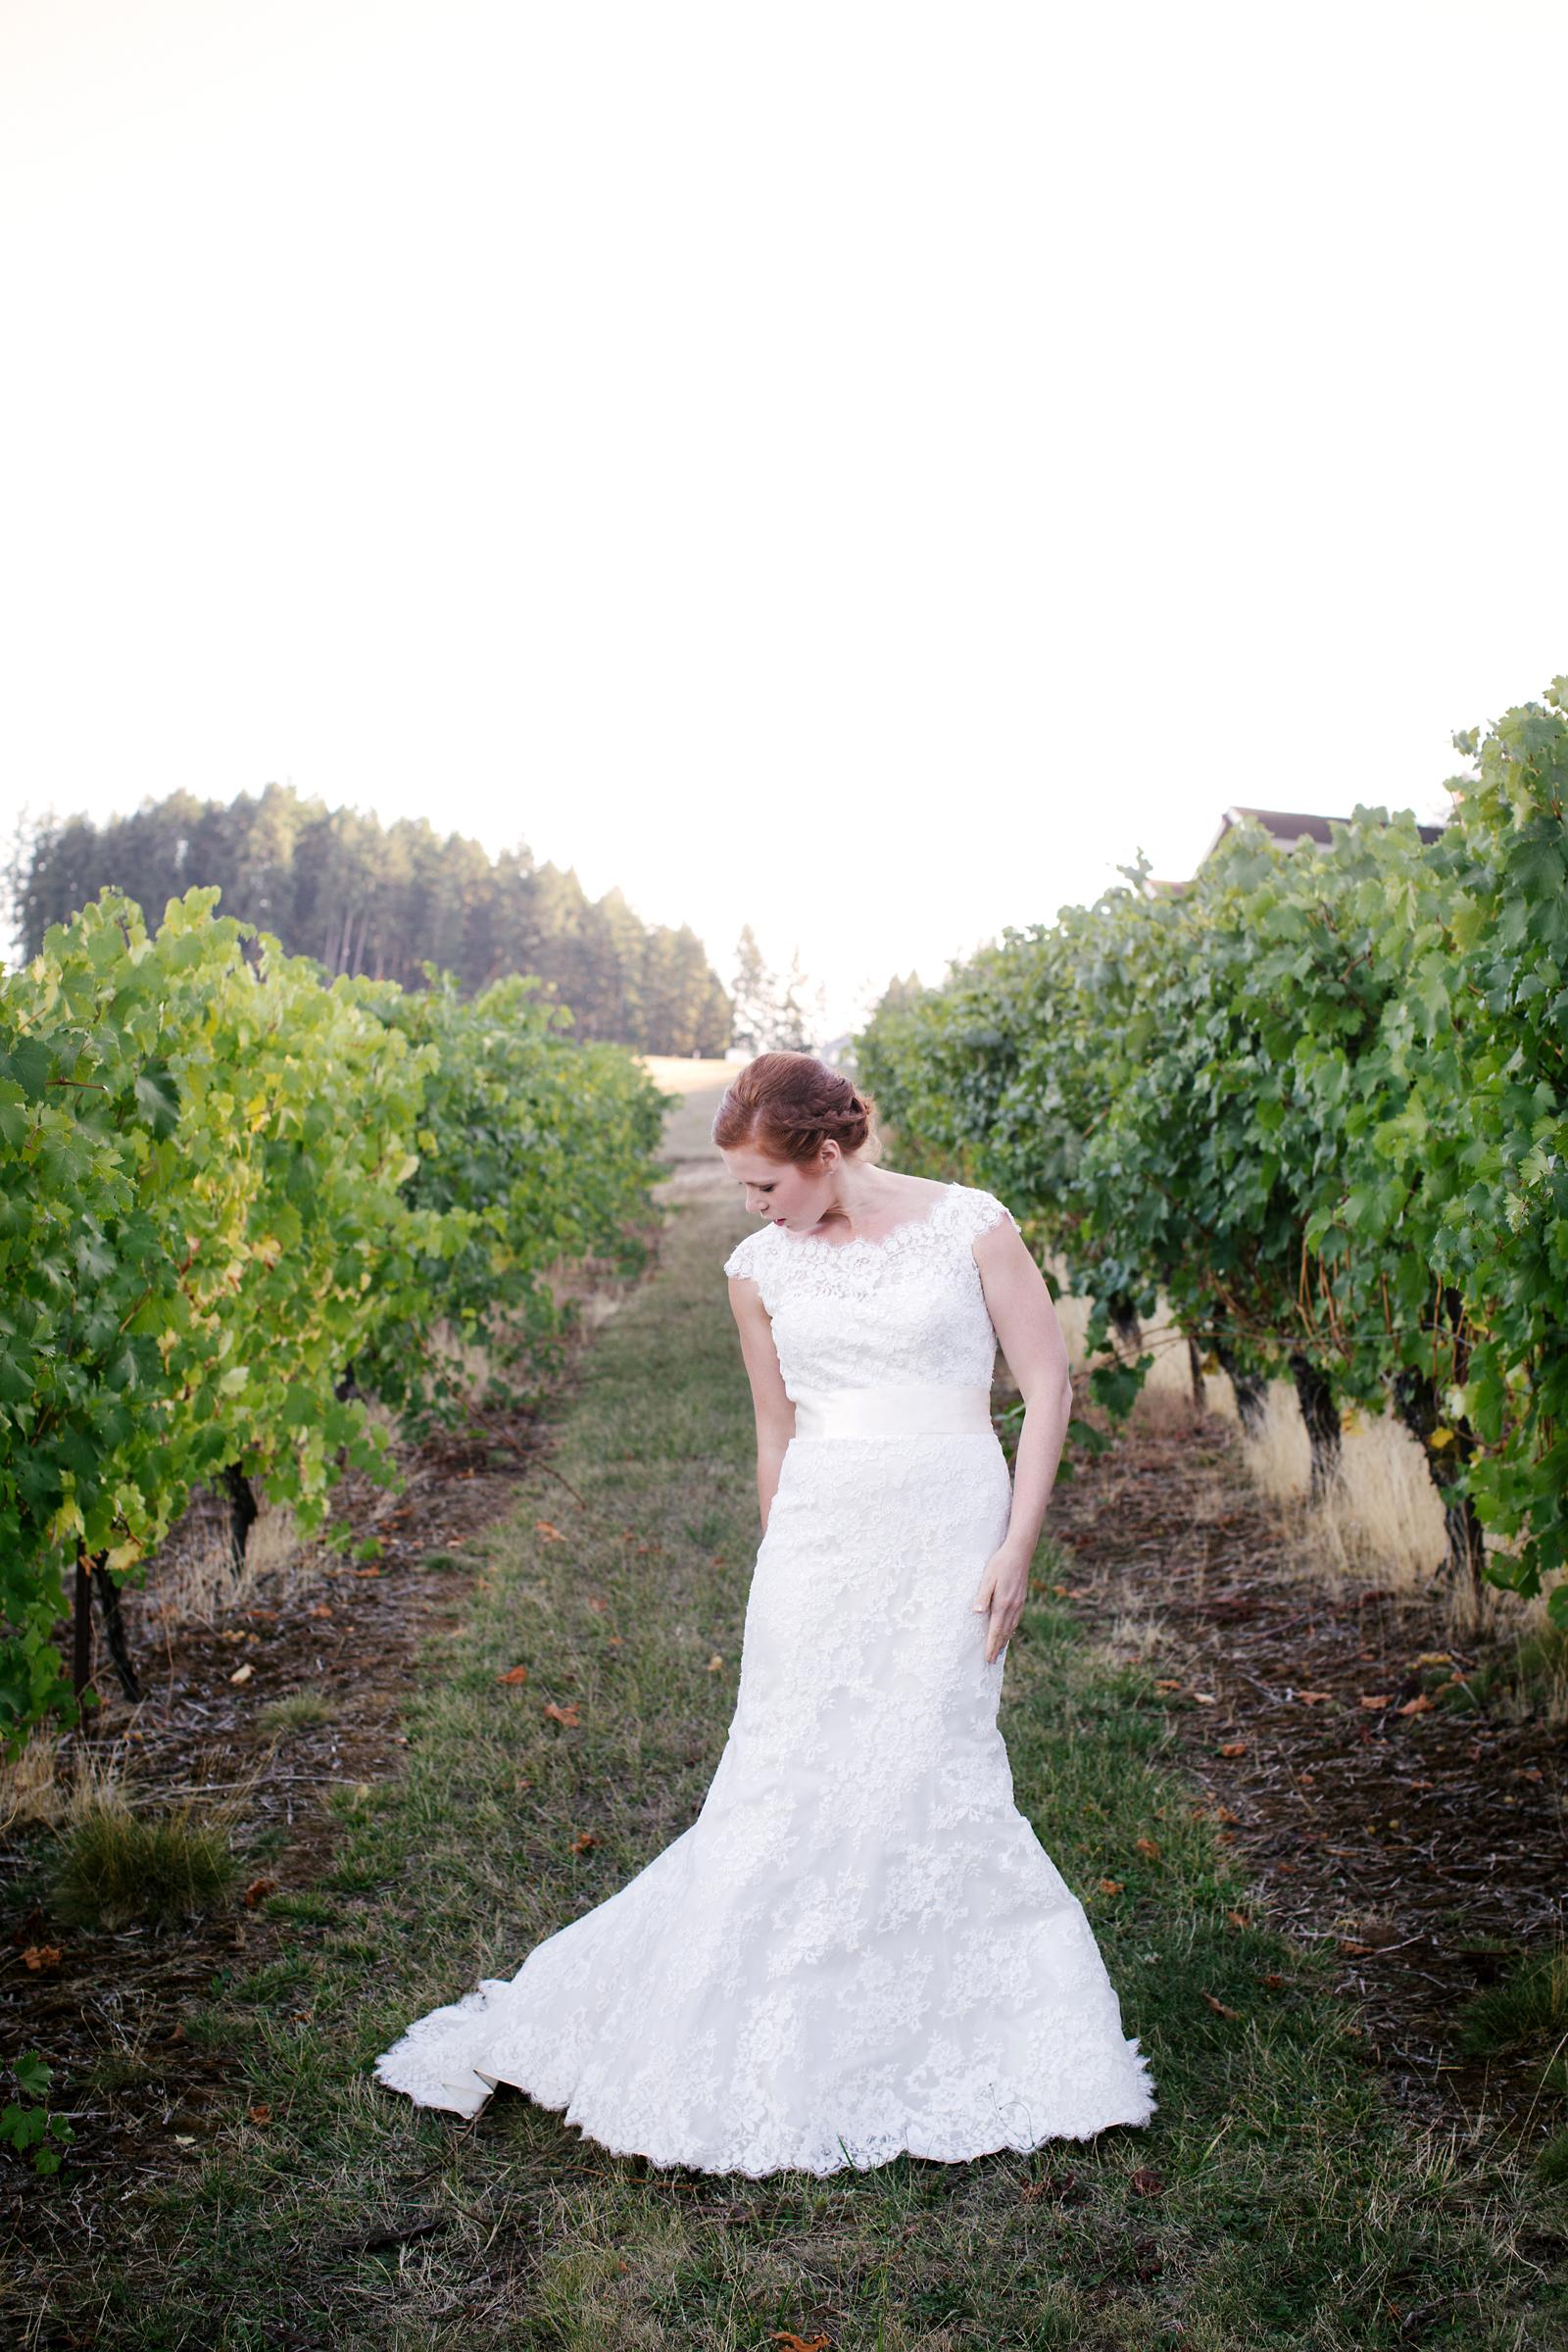 013-daronjackson-rich-wedding.jpg